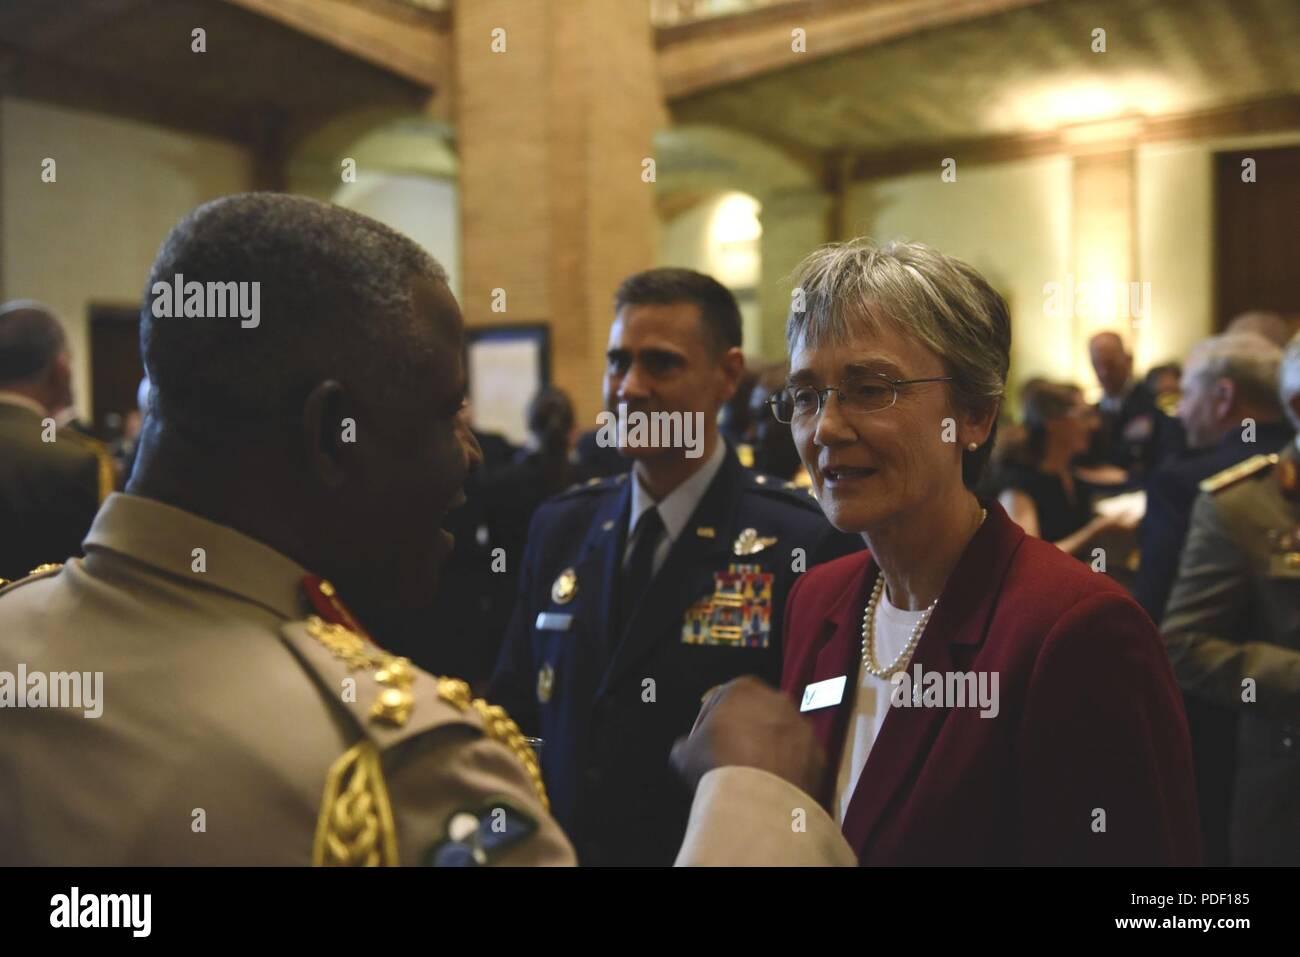 Digangana Suryavanshi 2002 picture